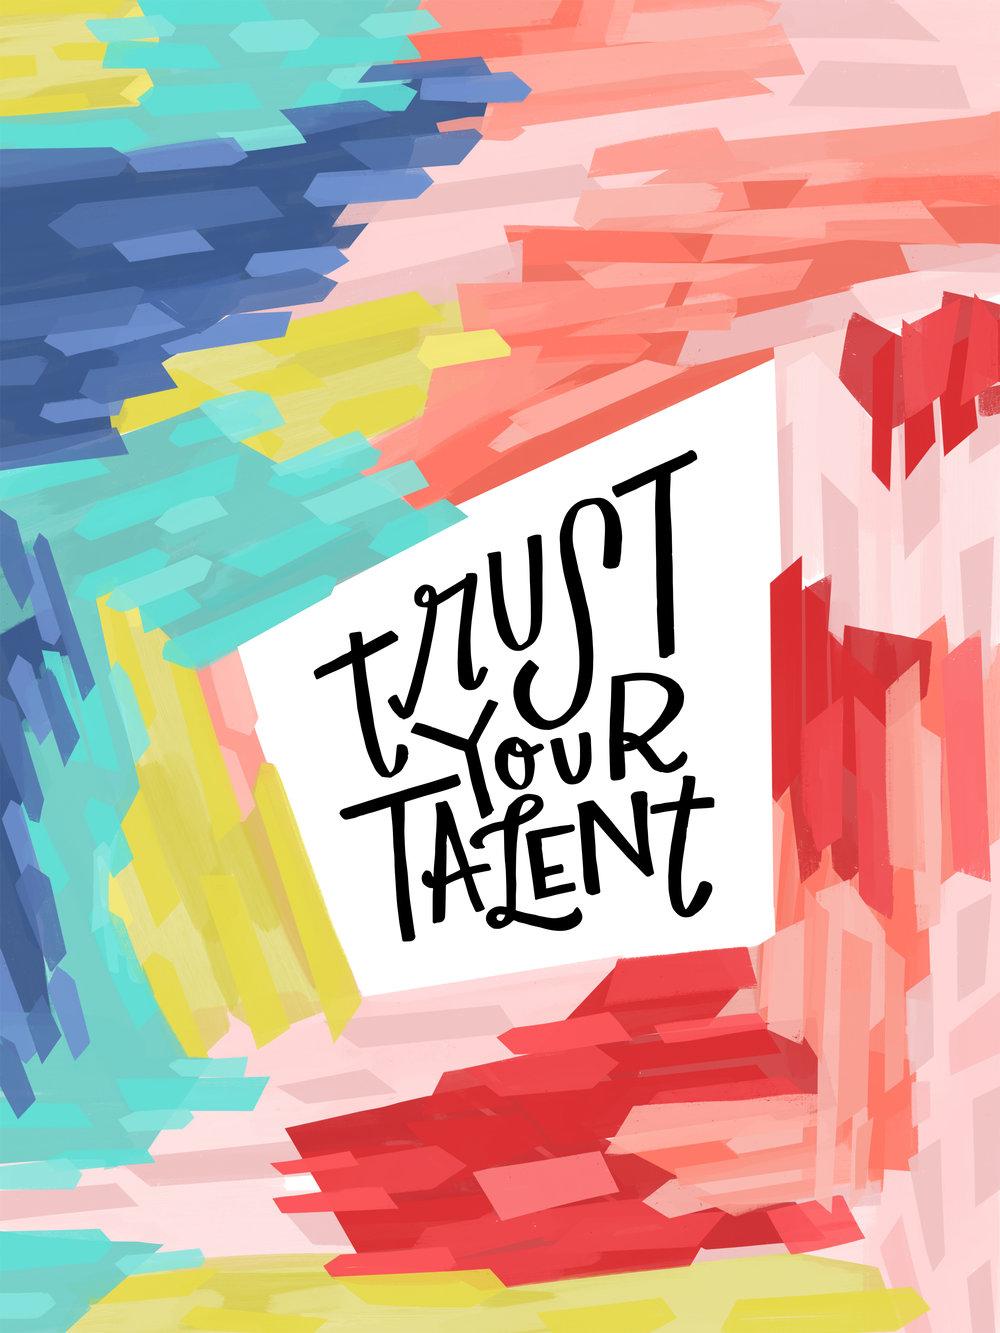 6/1/16: Trust